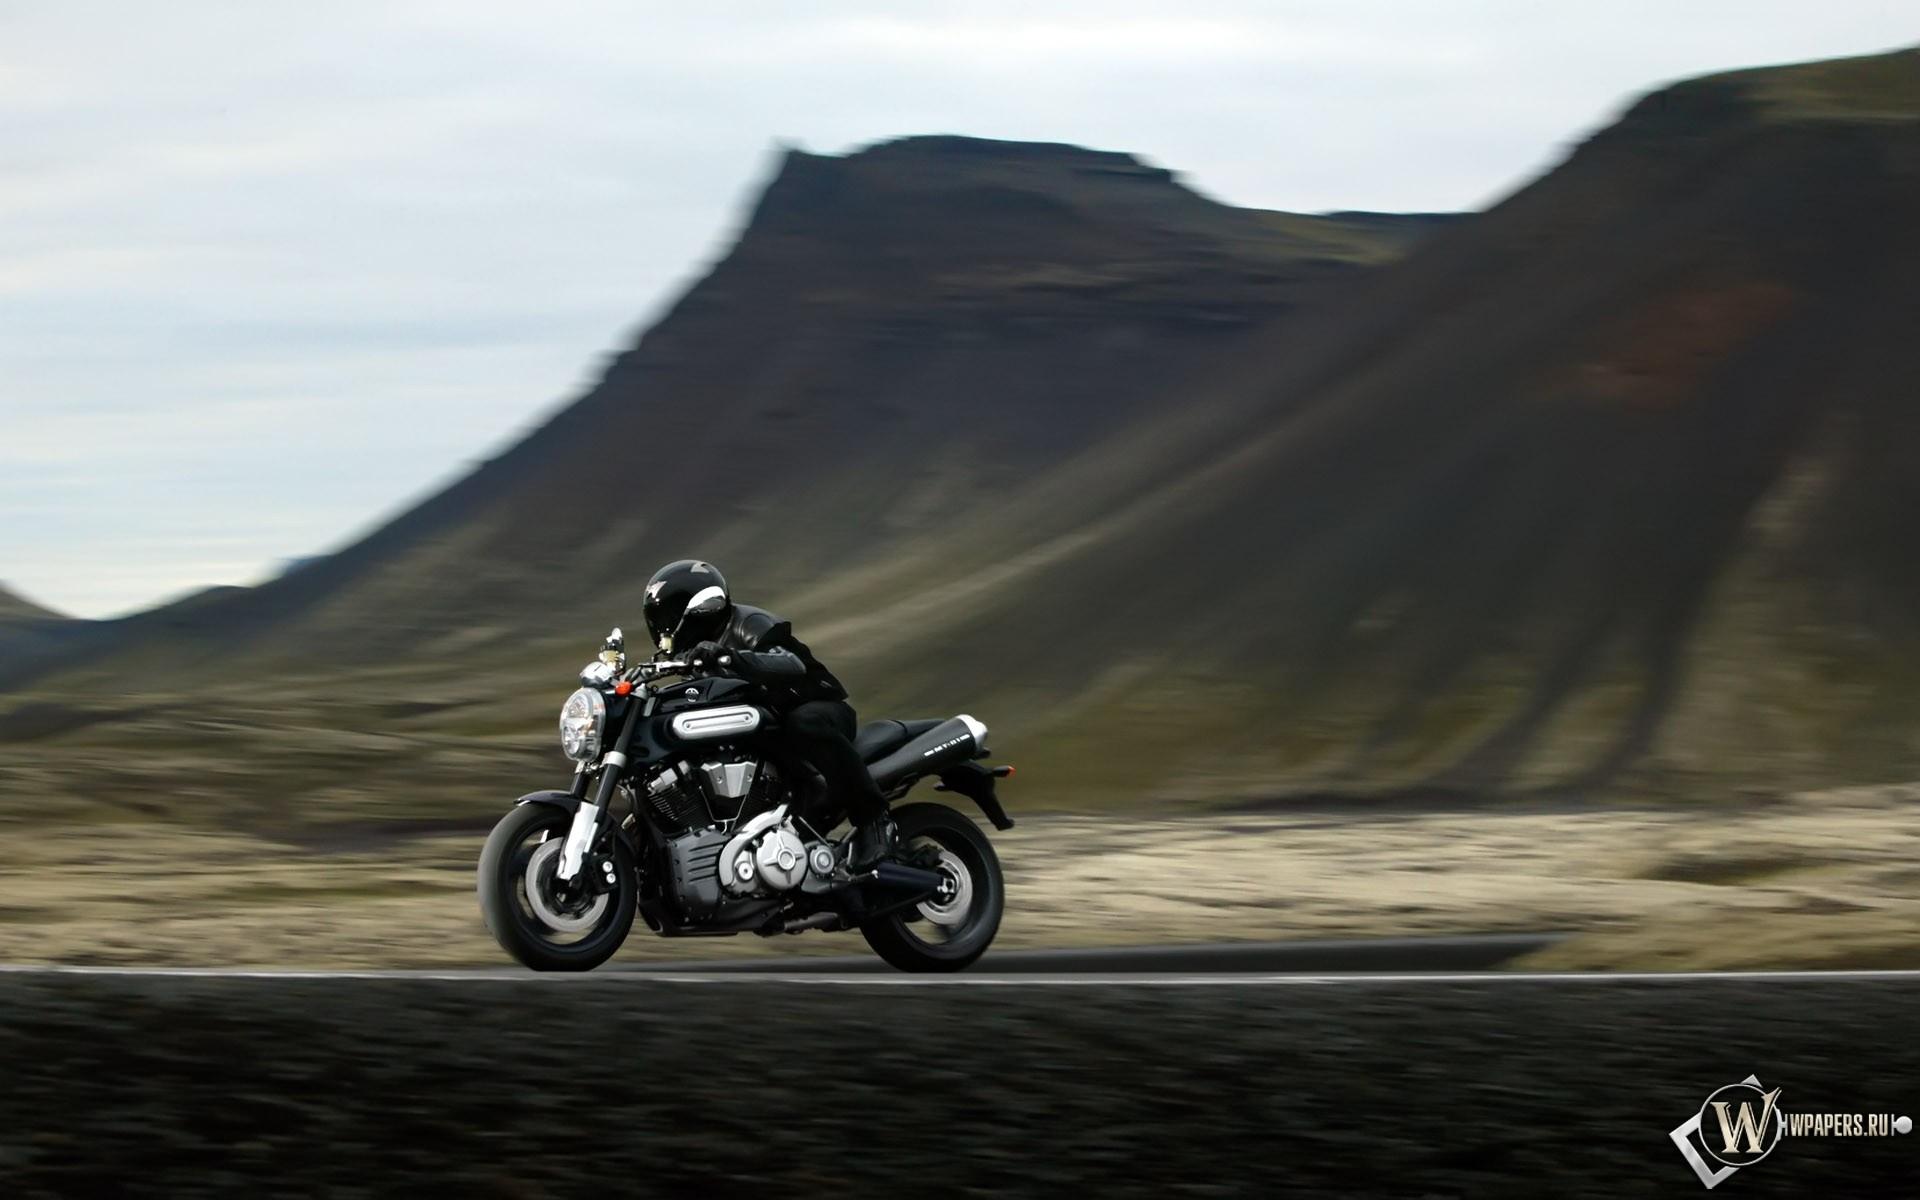 Yamaha в горах 1920x1200